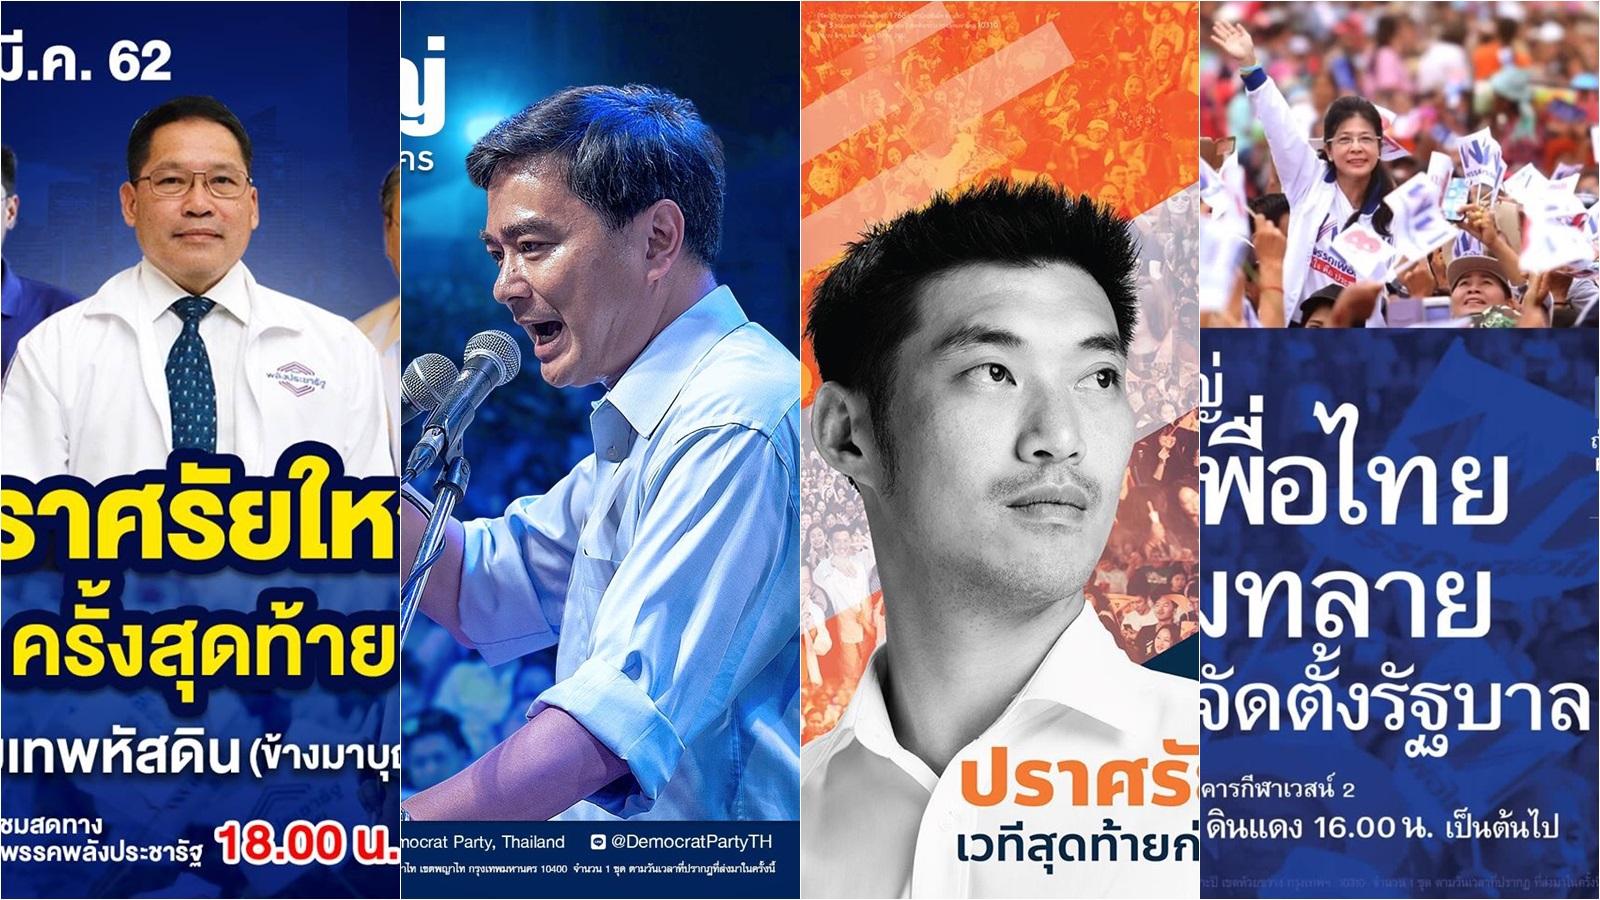 ประชาธิปัตย์ ปราศัยใหญ่ พลังประชารัฐ อนาคตใหม่ เพื่อไทย